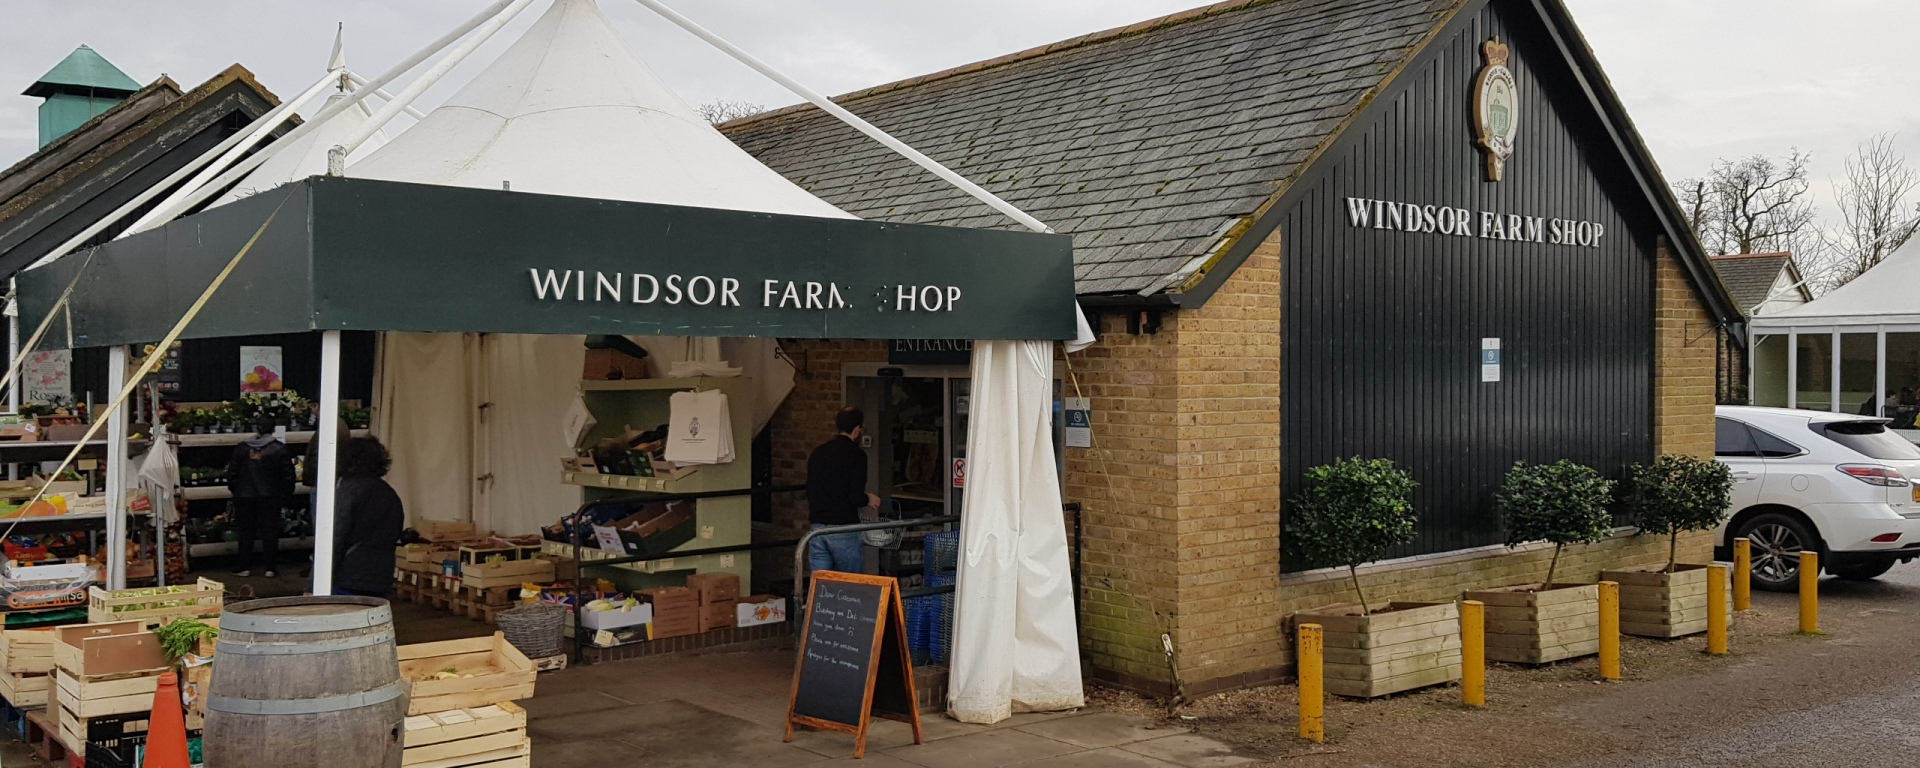 old windsor farm shop